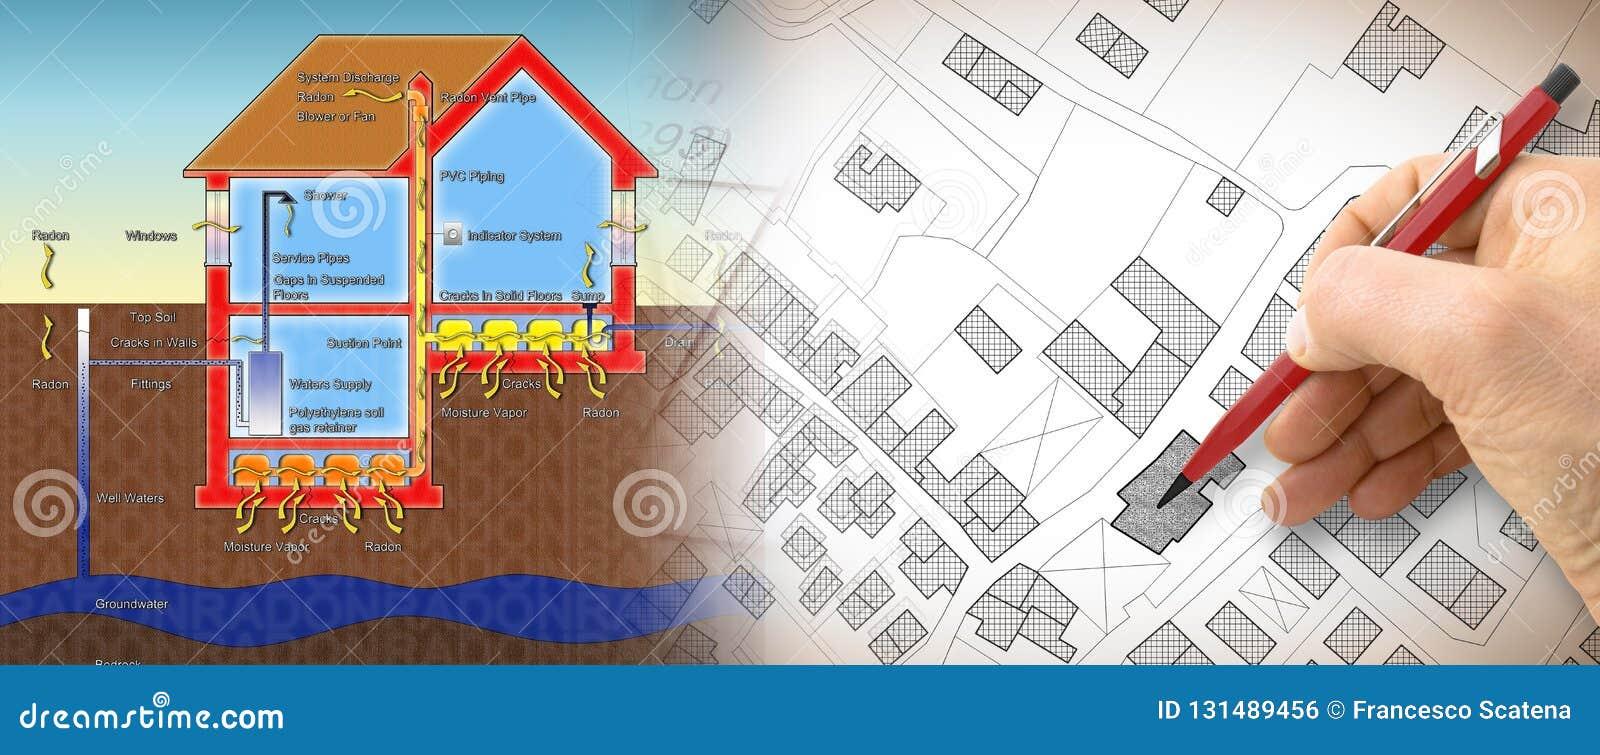 Het gevaar van radongas in onze huizen - conceptenillustratie met handtekening over een denkbeeldige kadastrale kaart van grondge